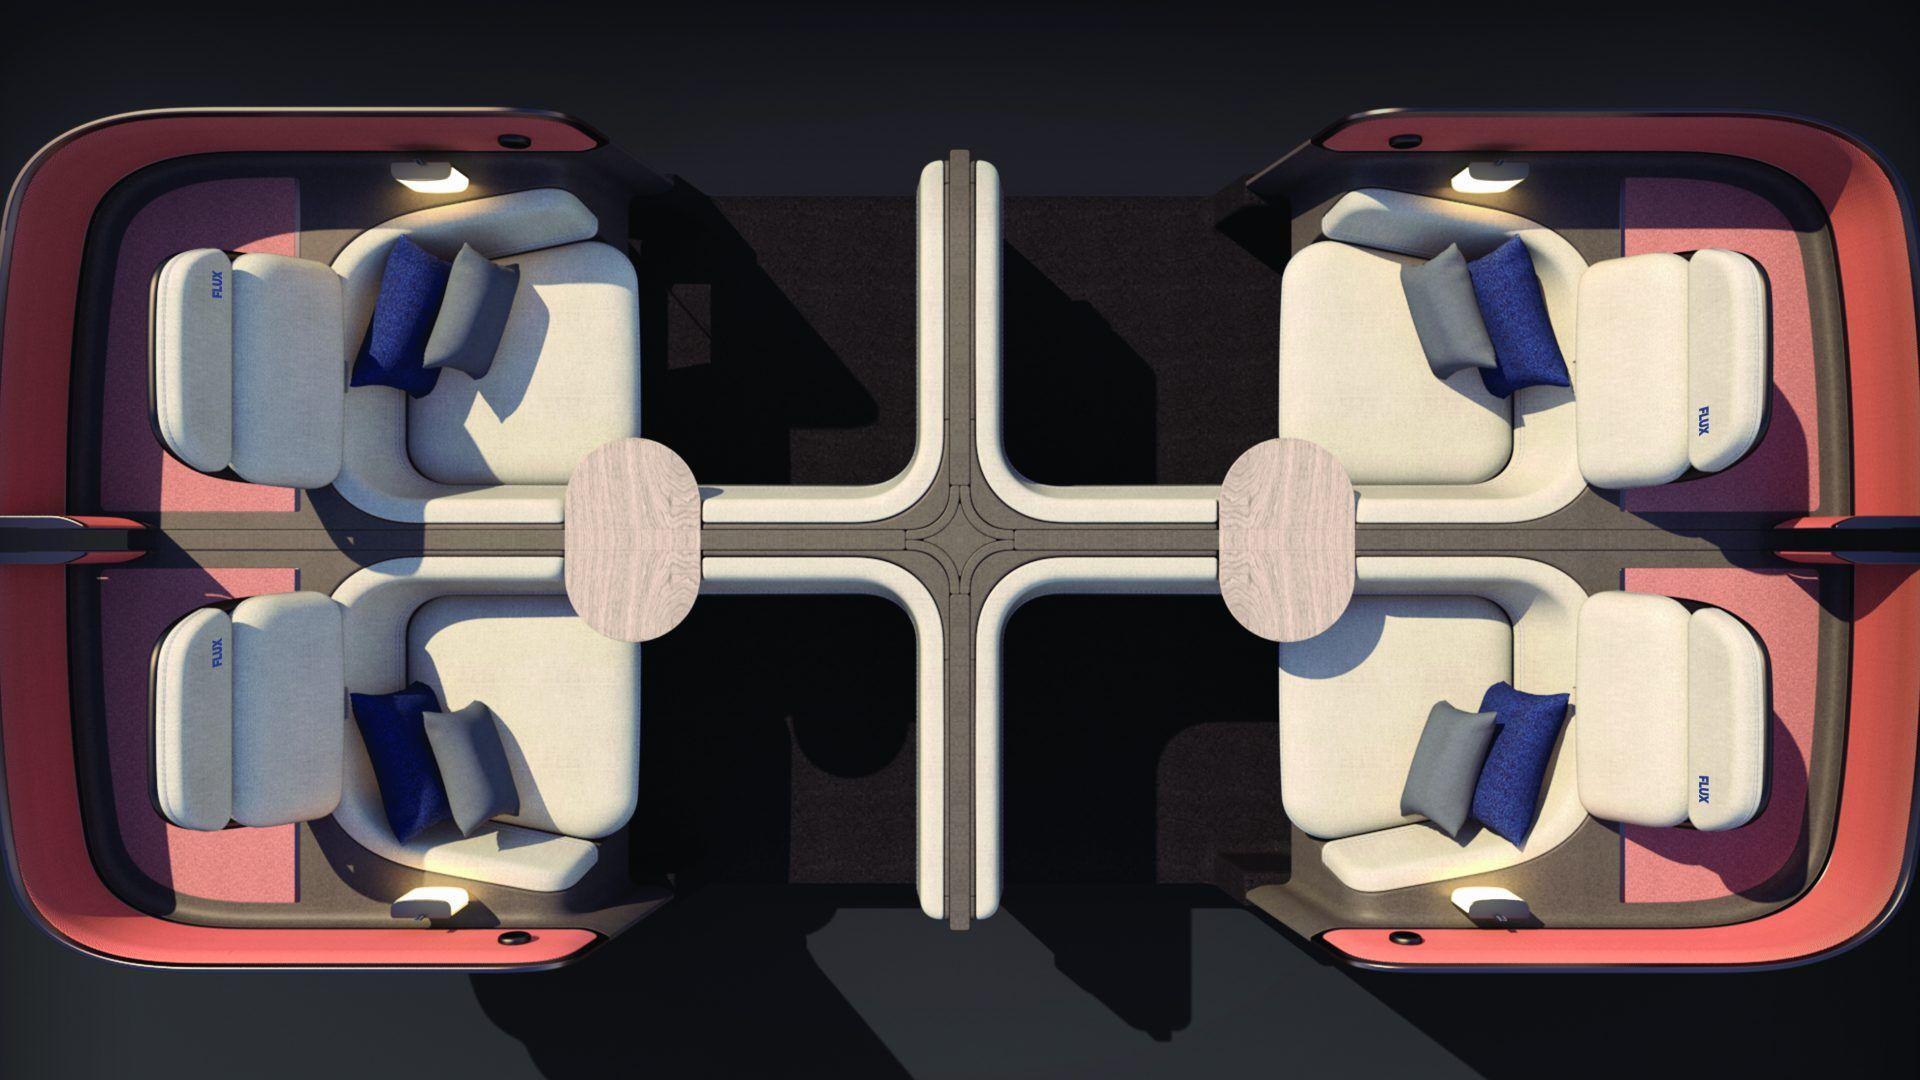 8-QuatrterCar-BirdsEye